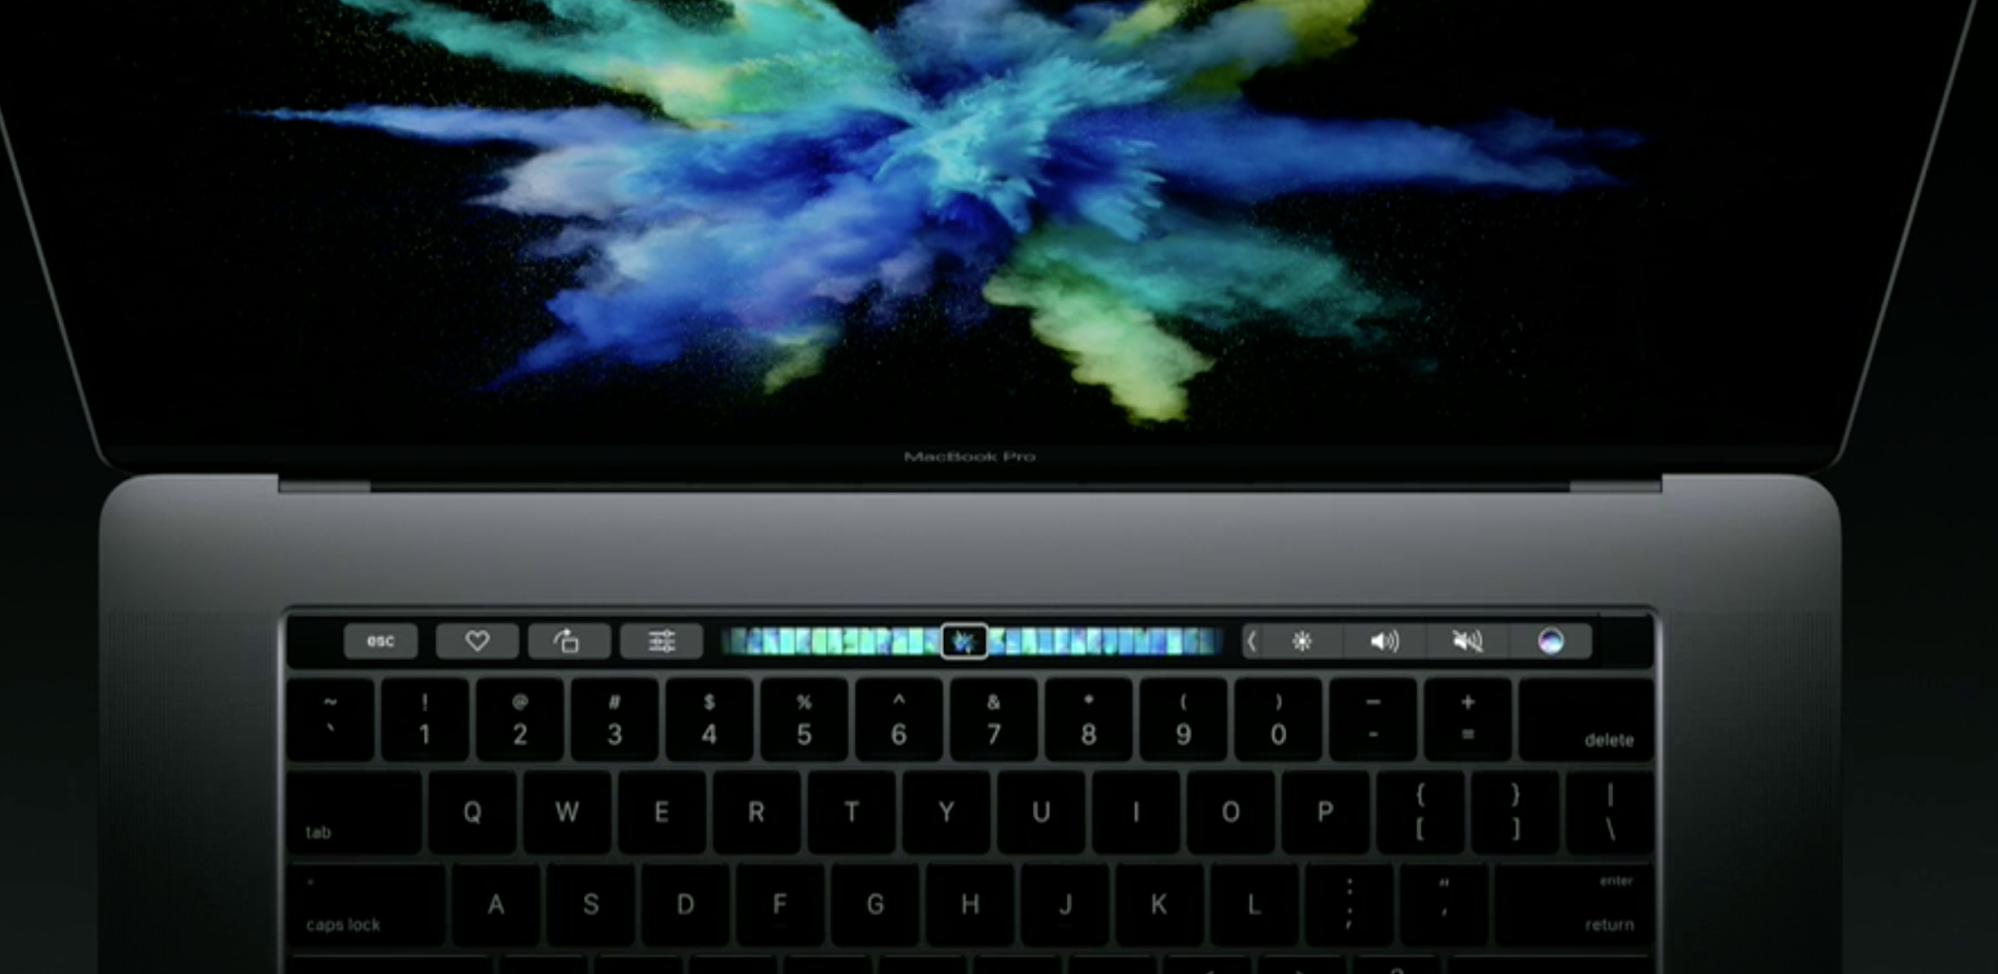 macbookpro2016_1